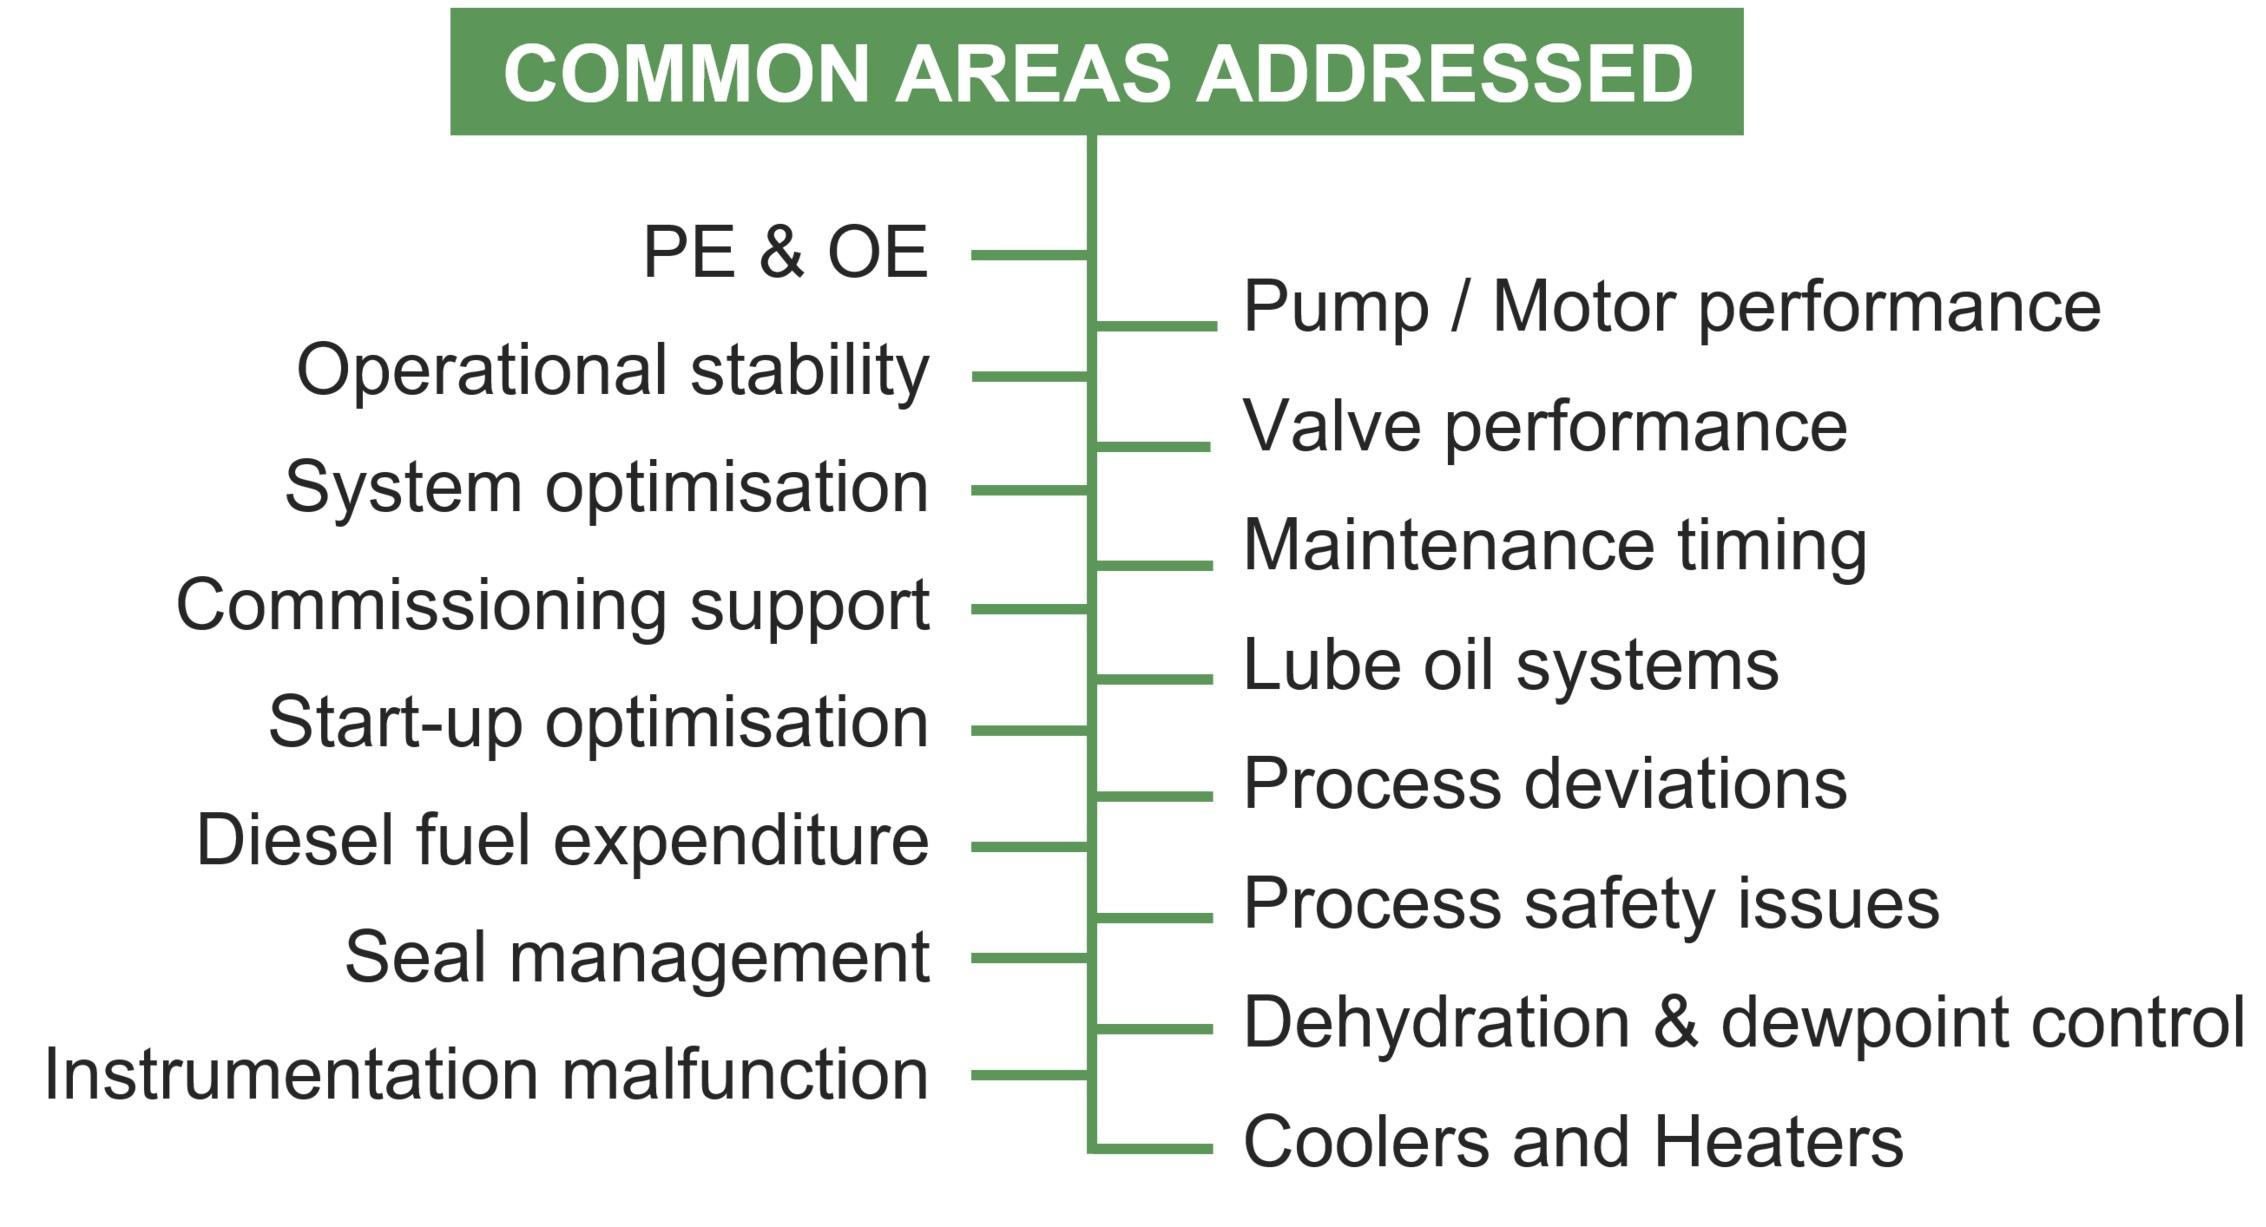 X-PAS Common Areas Addressed